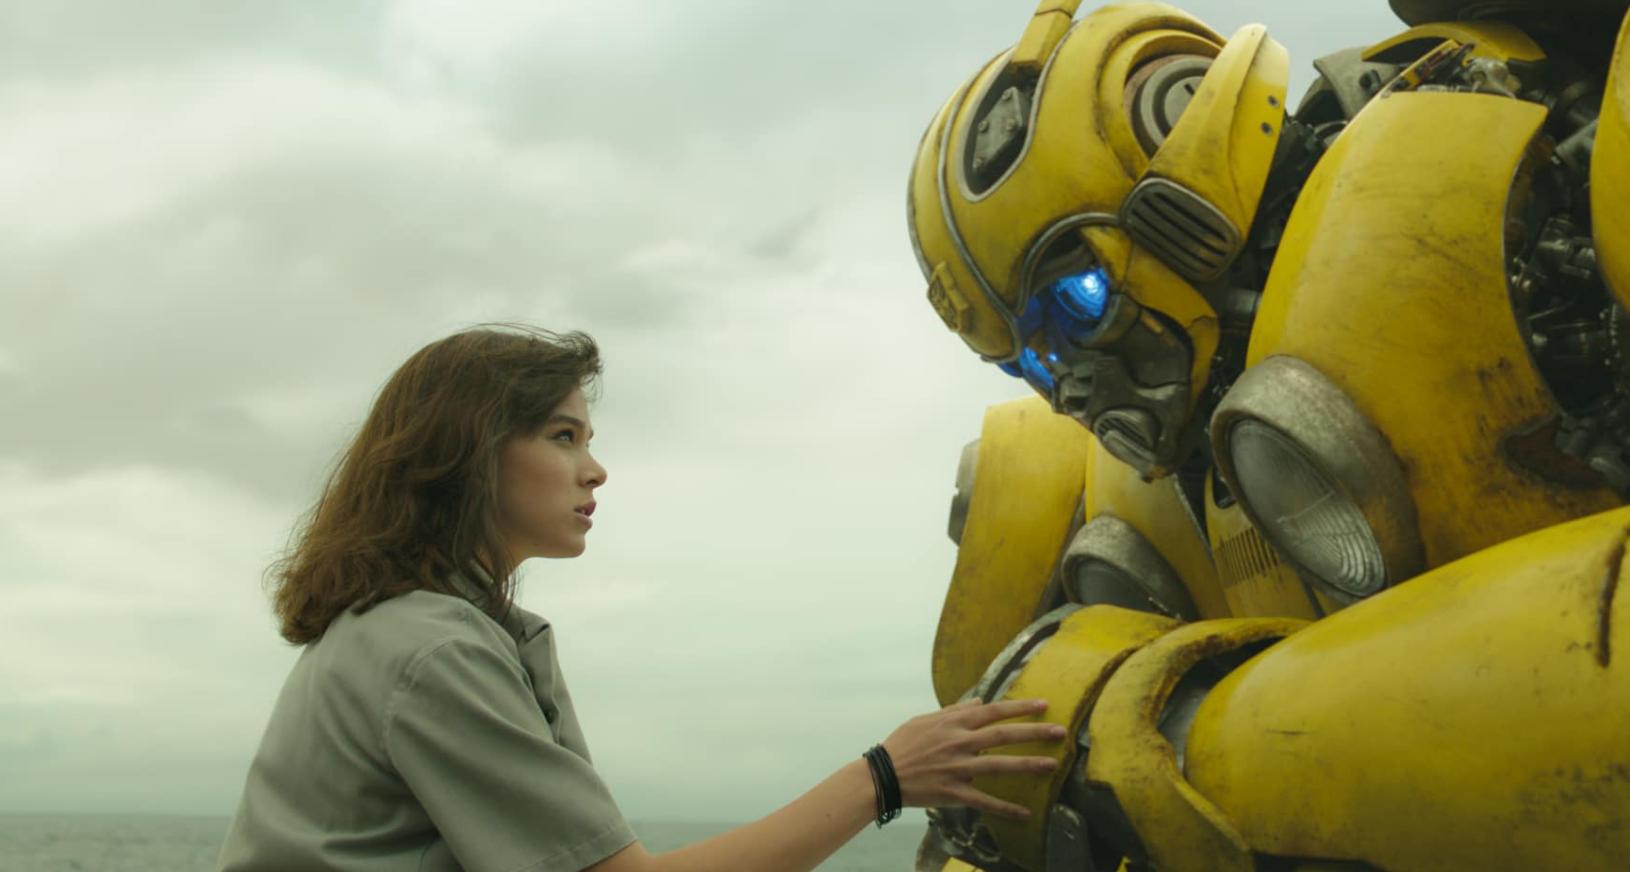 Atom Tickets – Bumblebee Movie Tickets B1G1 Free